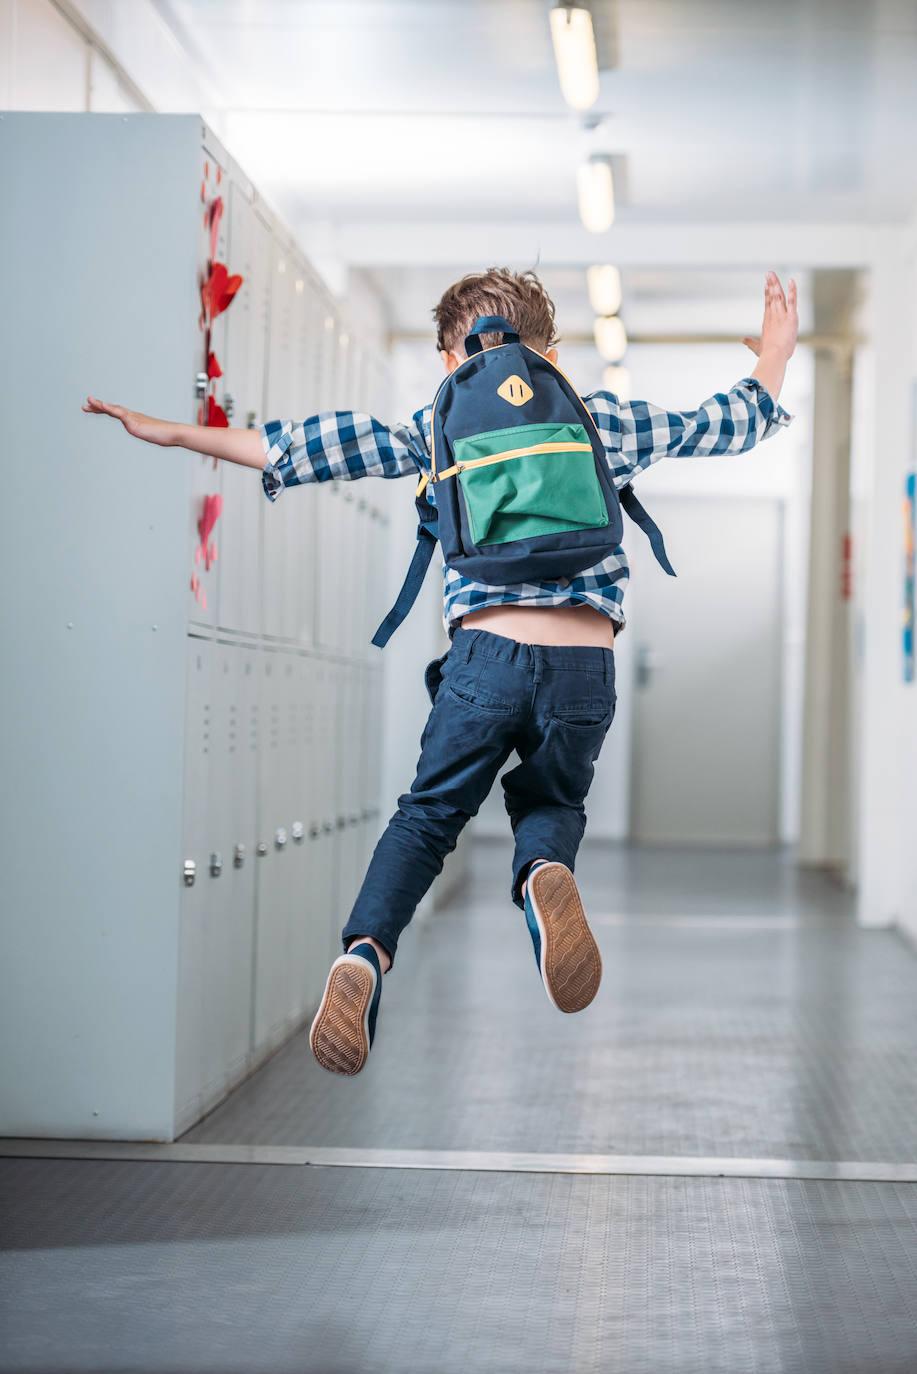 Volver al cole, el reto de cada año de niños y padres